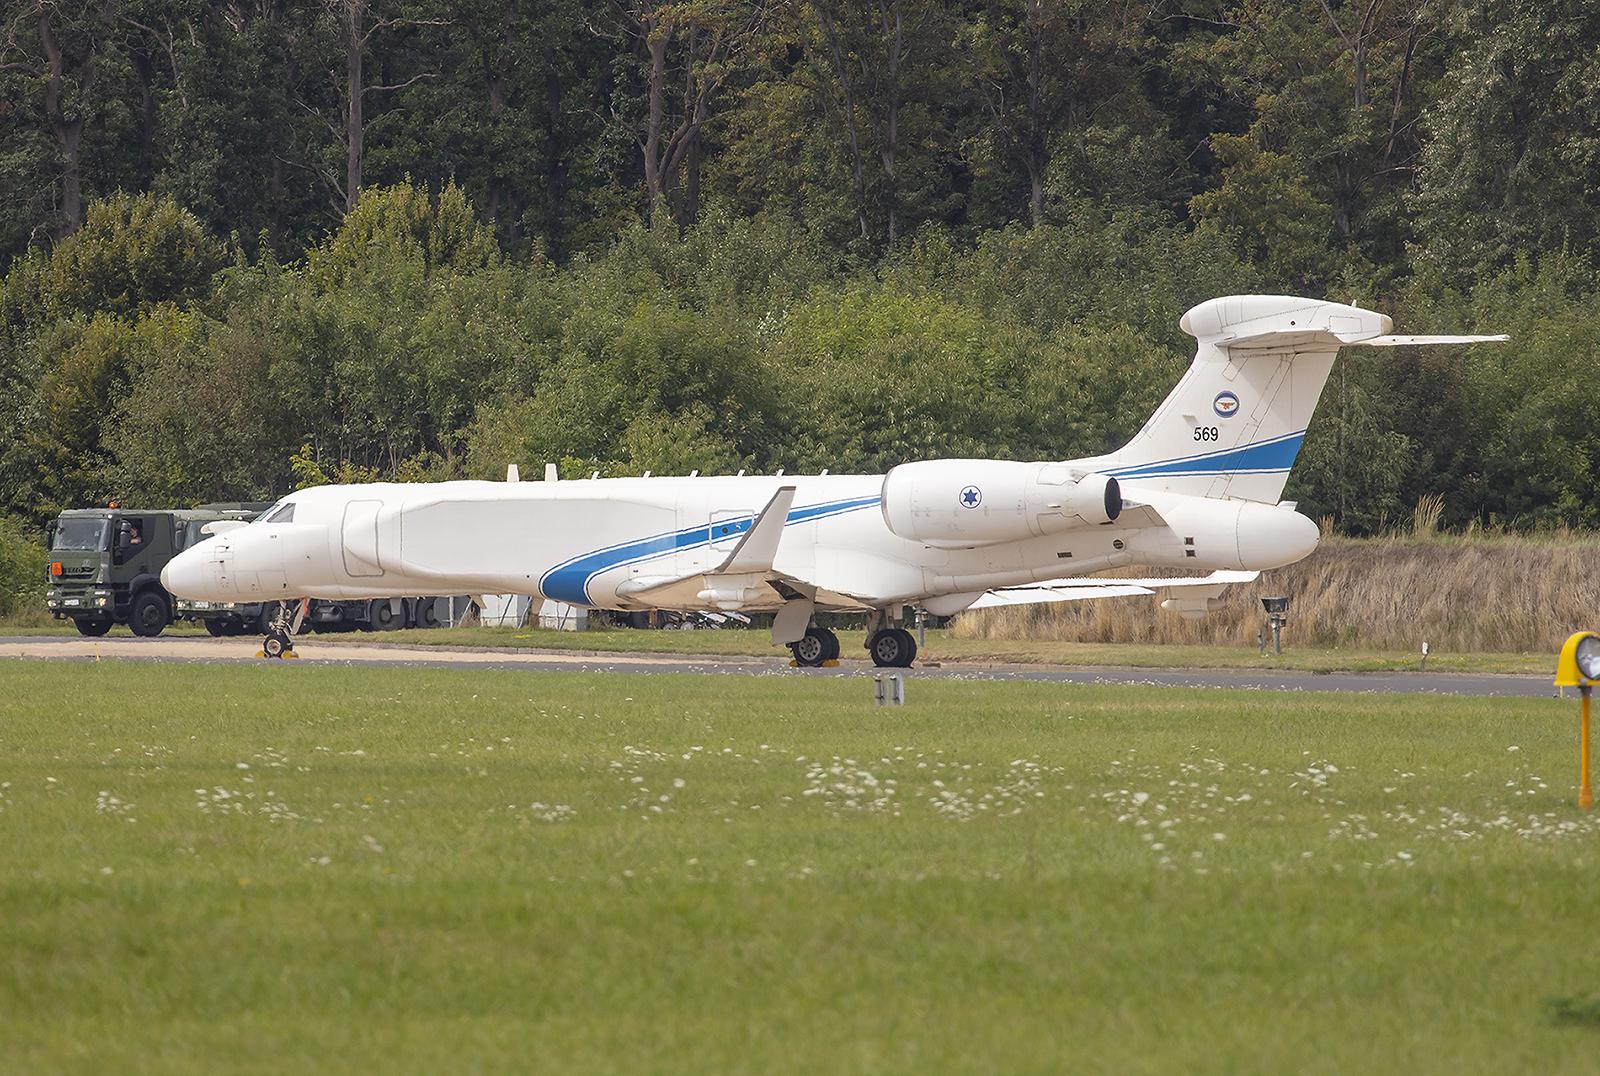 Die Gulfstream gehören zur 122 Squadron in Nevatim, außer Israel besitzen derzeit nur Singapur und Italien diesen Typ.